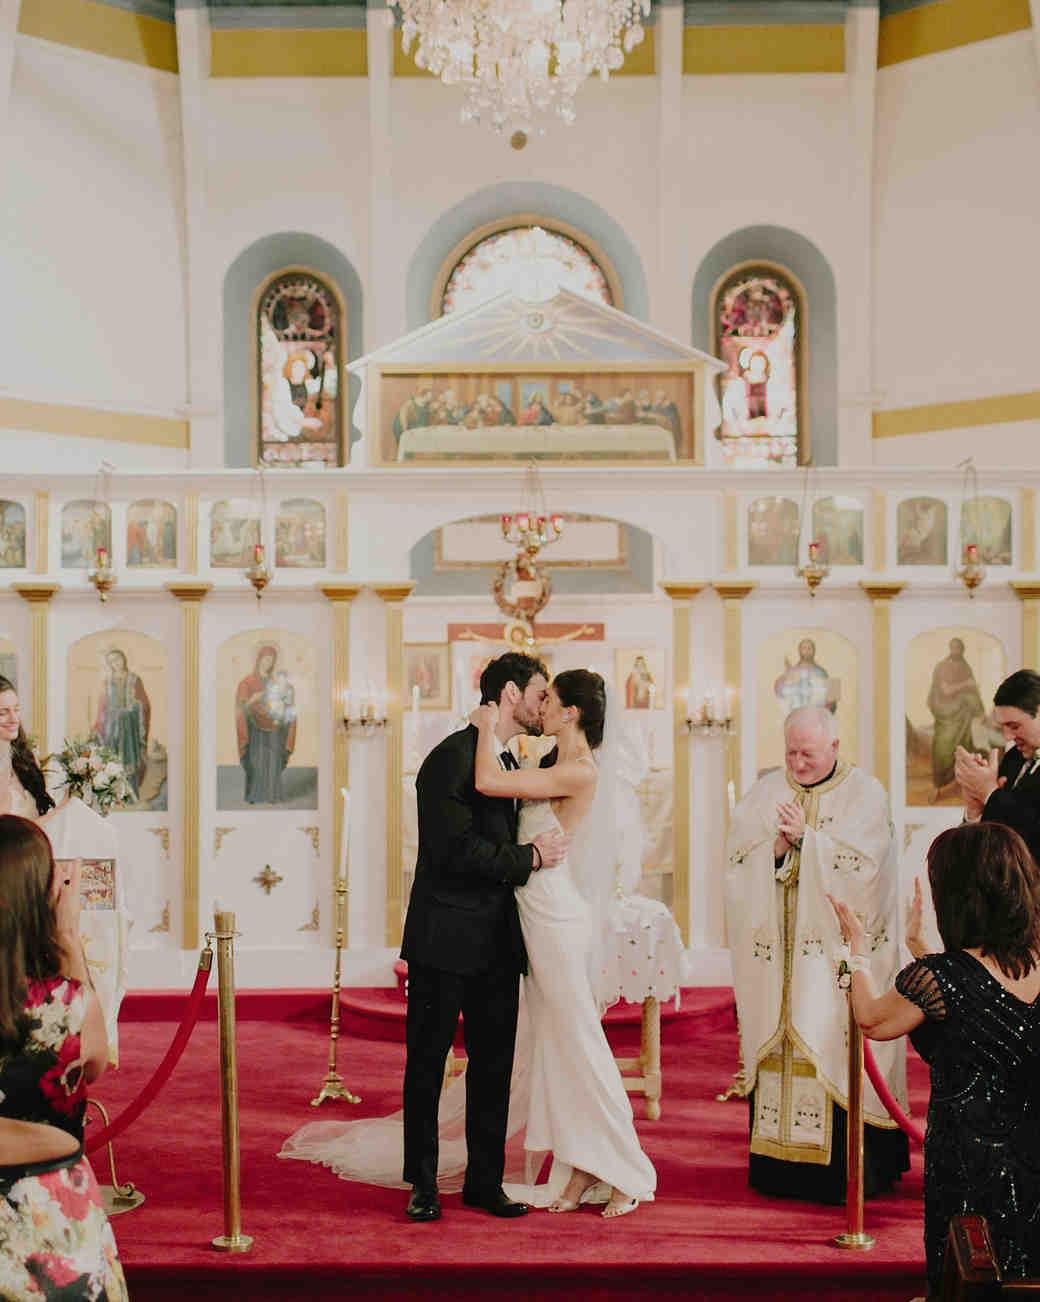 rosie-constantine-wedding-kiss-205-s112177-1015.jpg